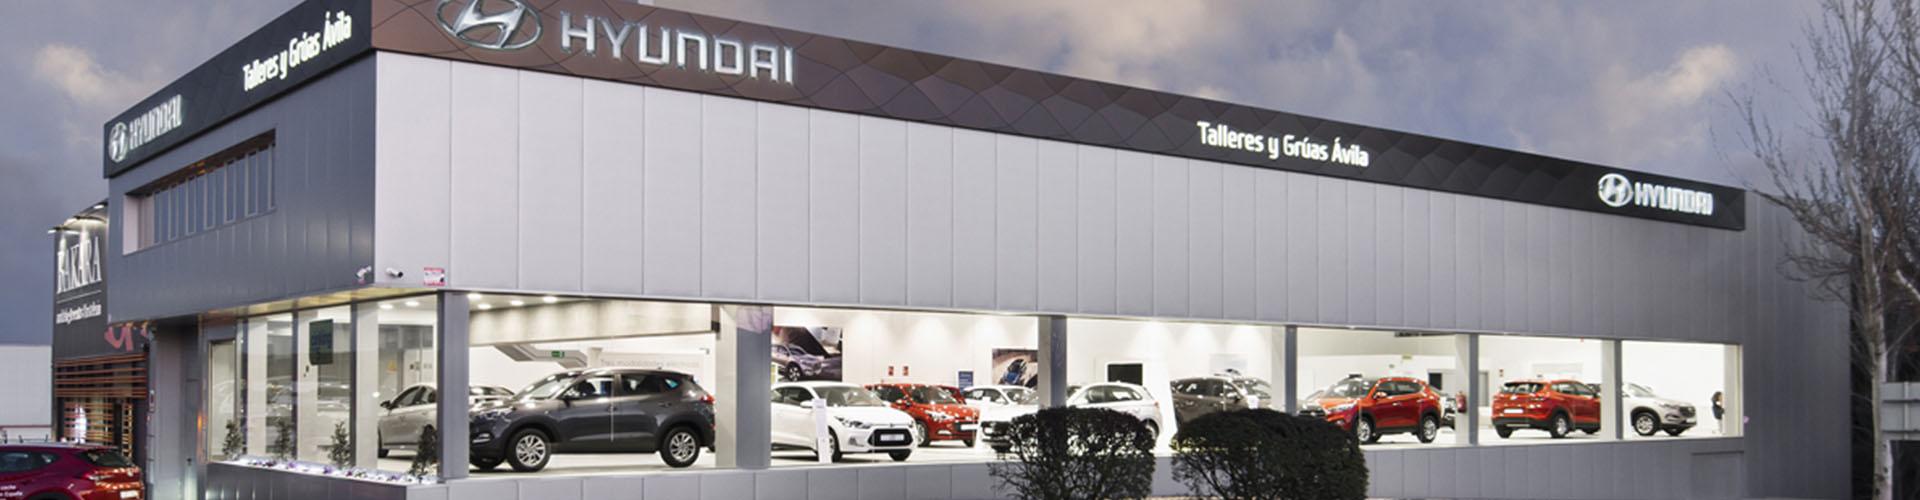 reforma-y-adecuacion-concesionario-Hyundai-Gruas-Avila-Valladolid-Slider